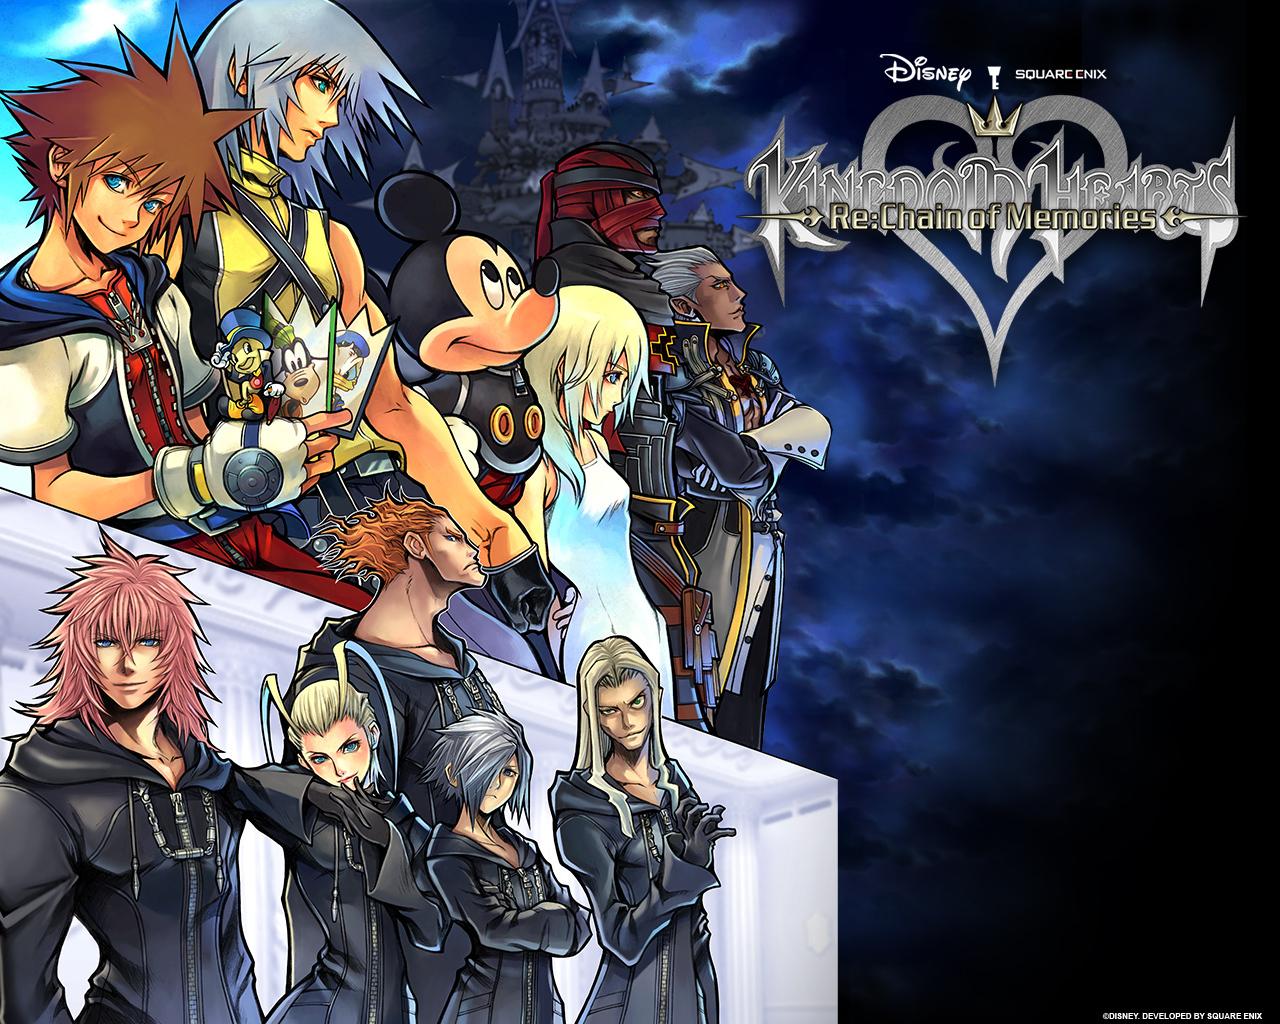 Official Kingdom Hearts Wallpaper   Kingdom Hearts Wallpaper 2754173 1280x1024